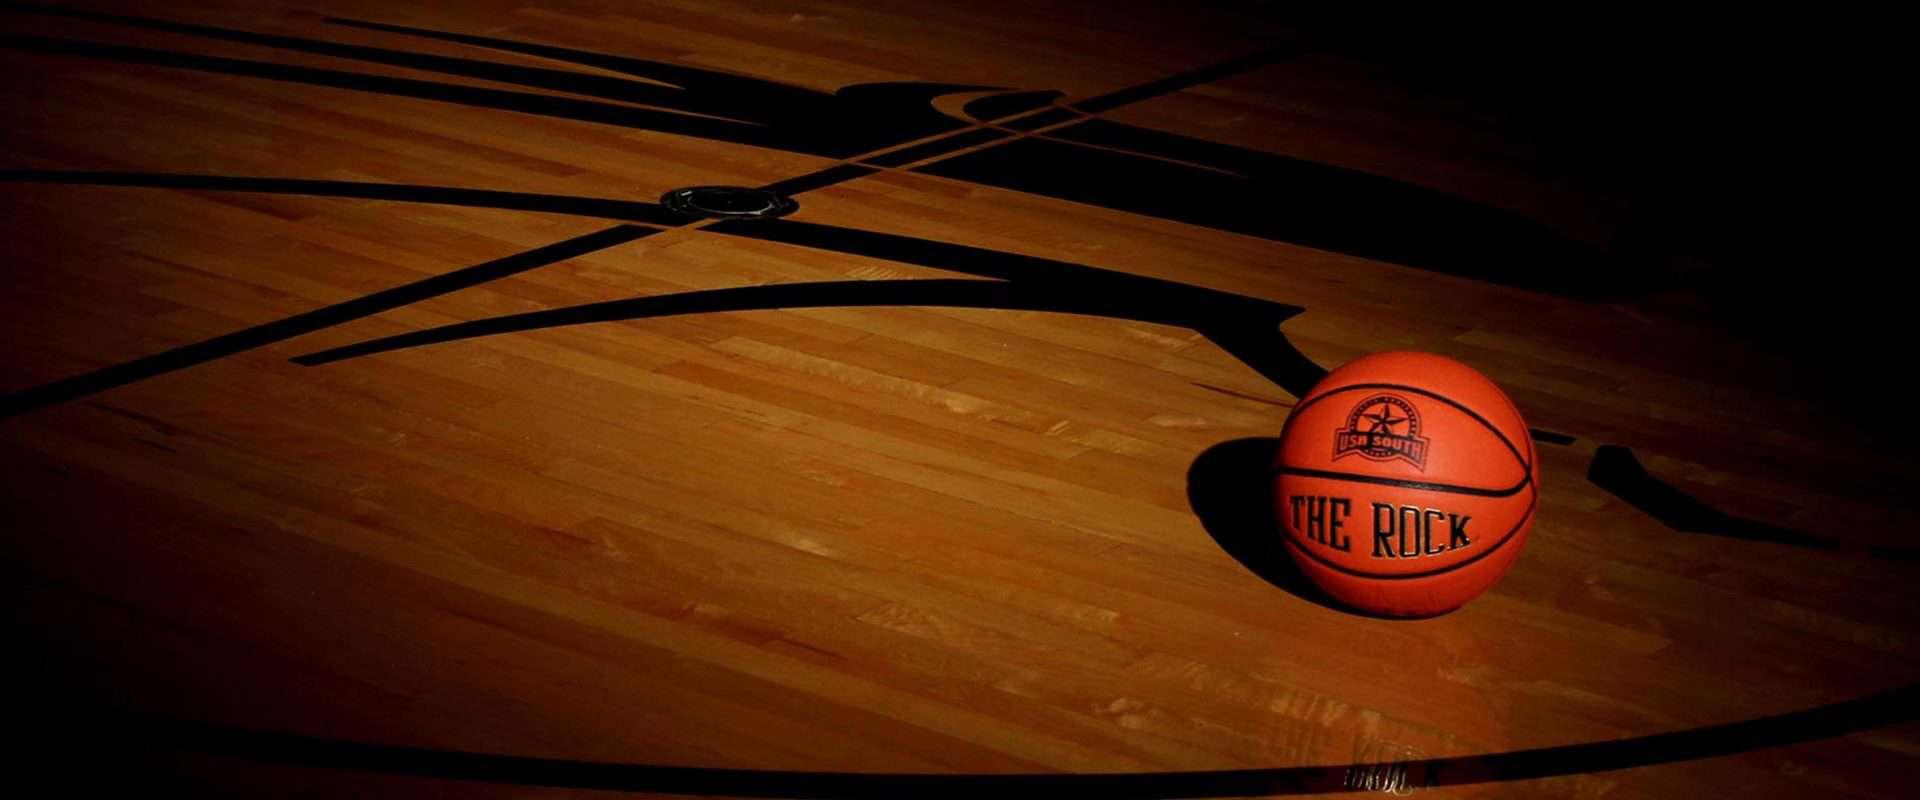 Basketball banner image.